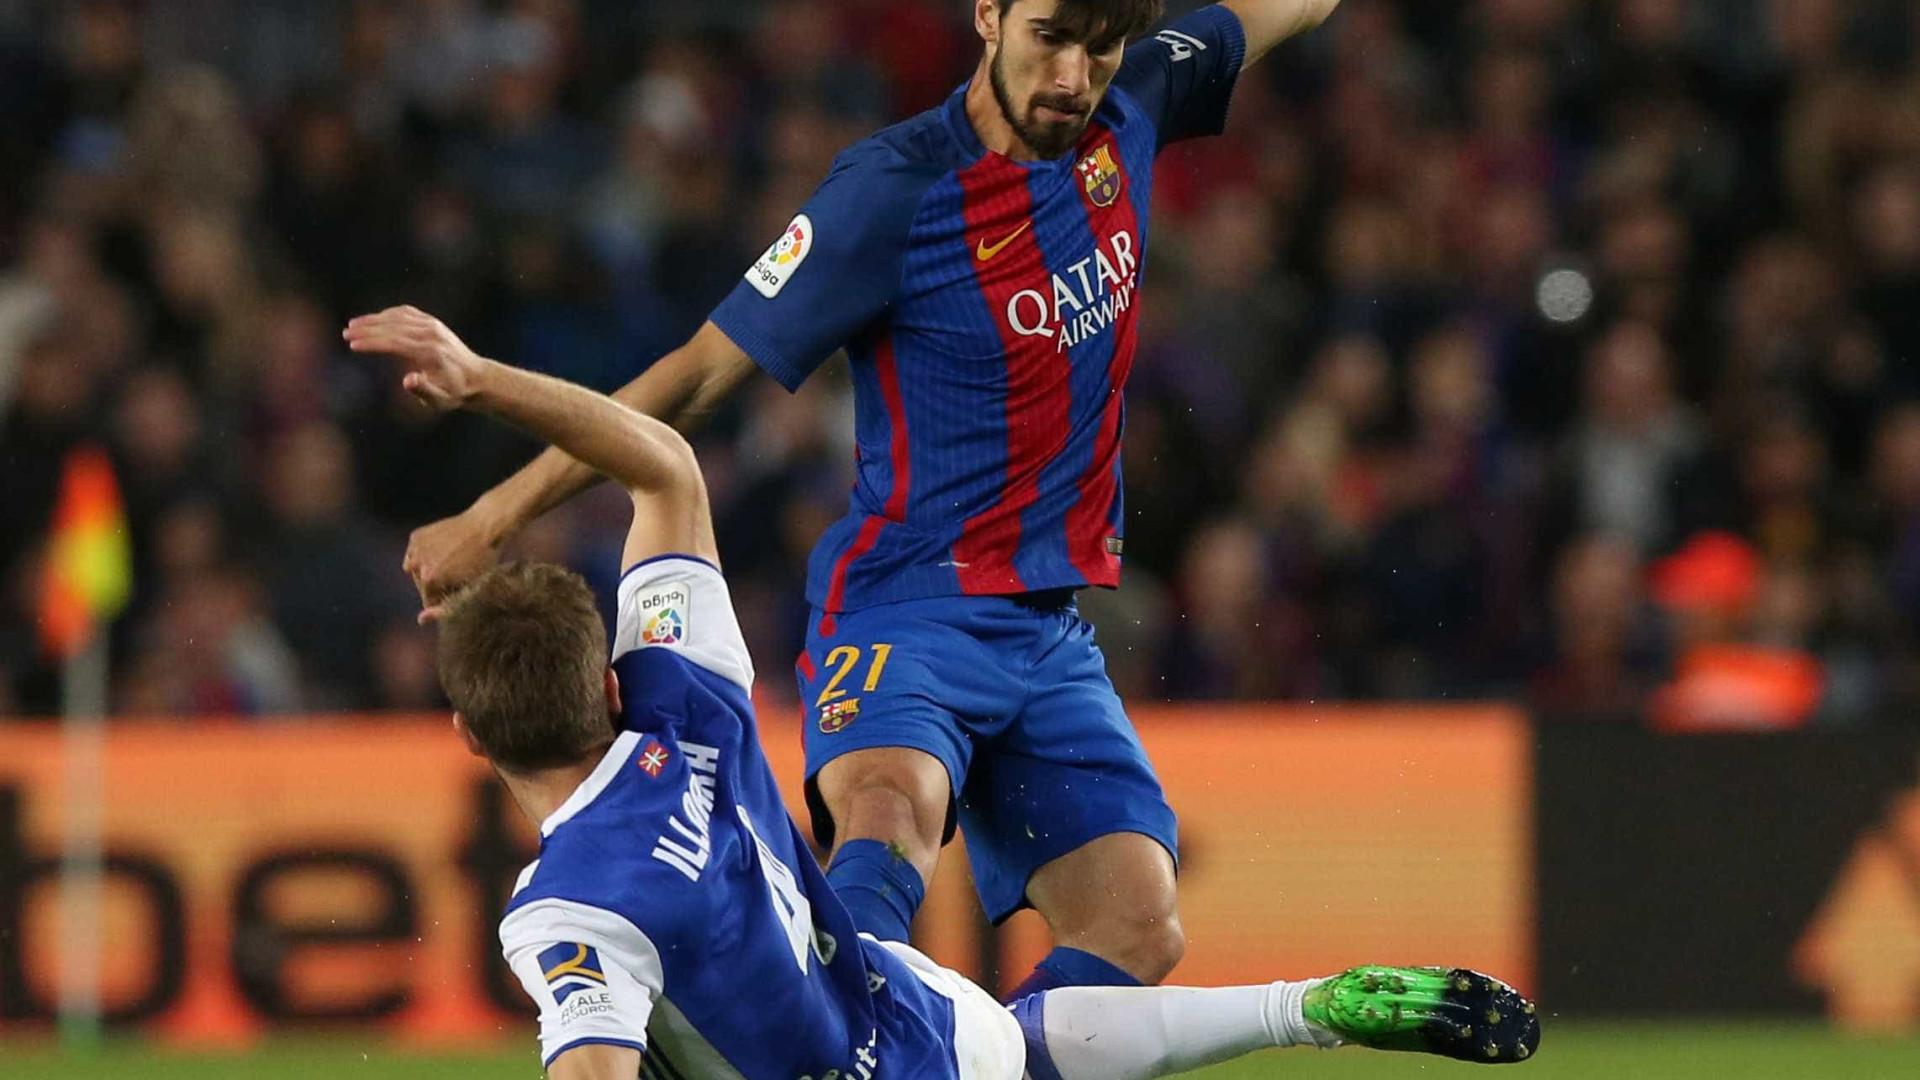 Barcelona disposto a ouvir ofertas por André Gomes no verão